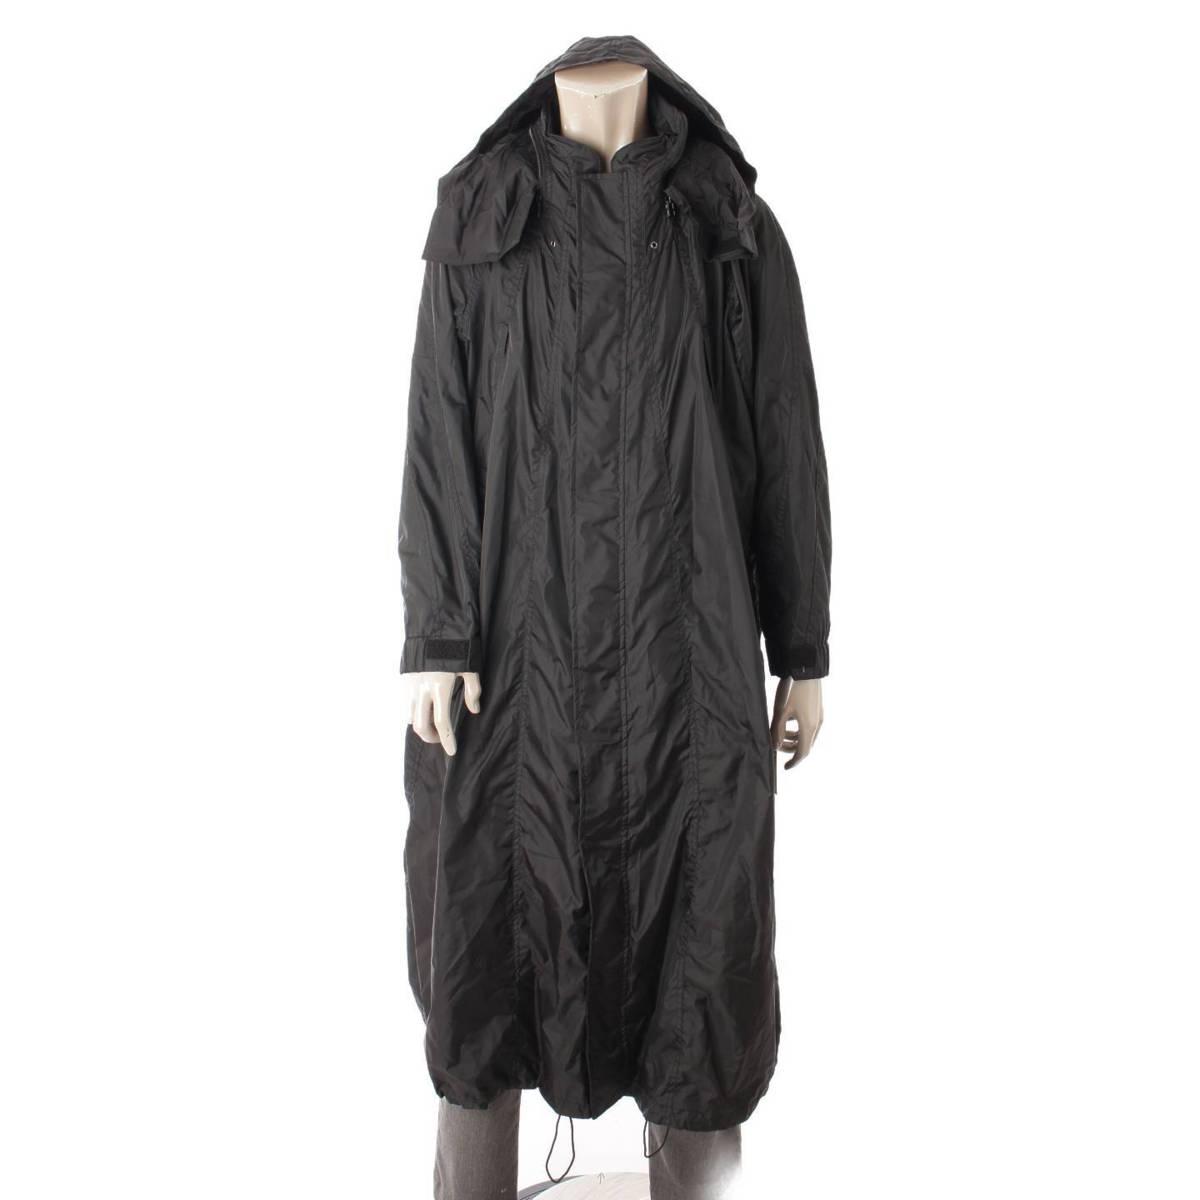 【イッセイミヤケ】Issey miyake ヴィンテージ オーバーコート ブラック 3 【中古】【鑑定済・正規品保証】96143